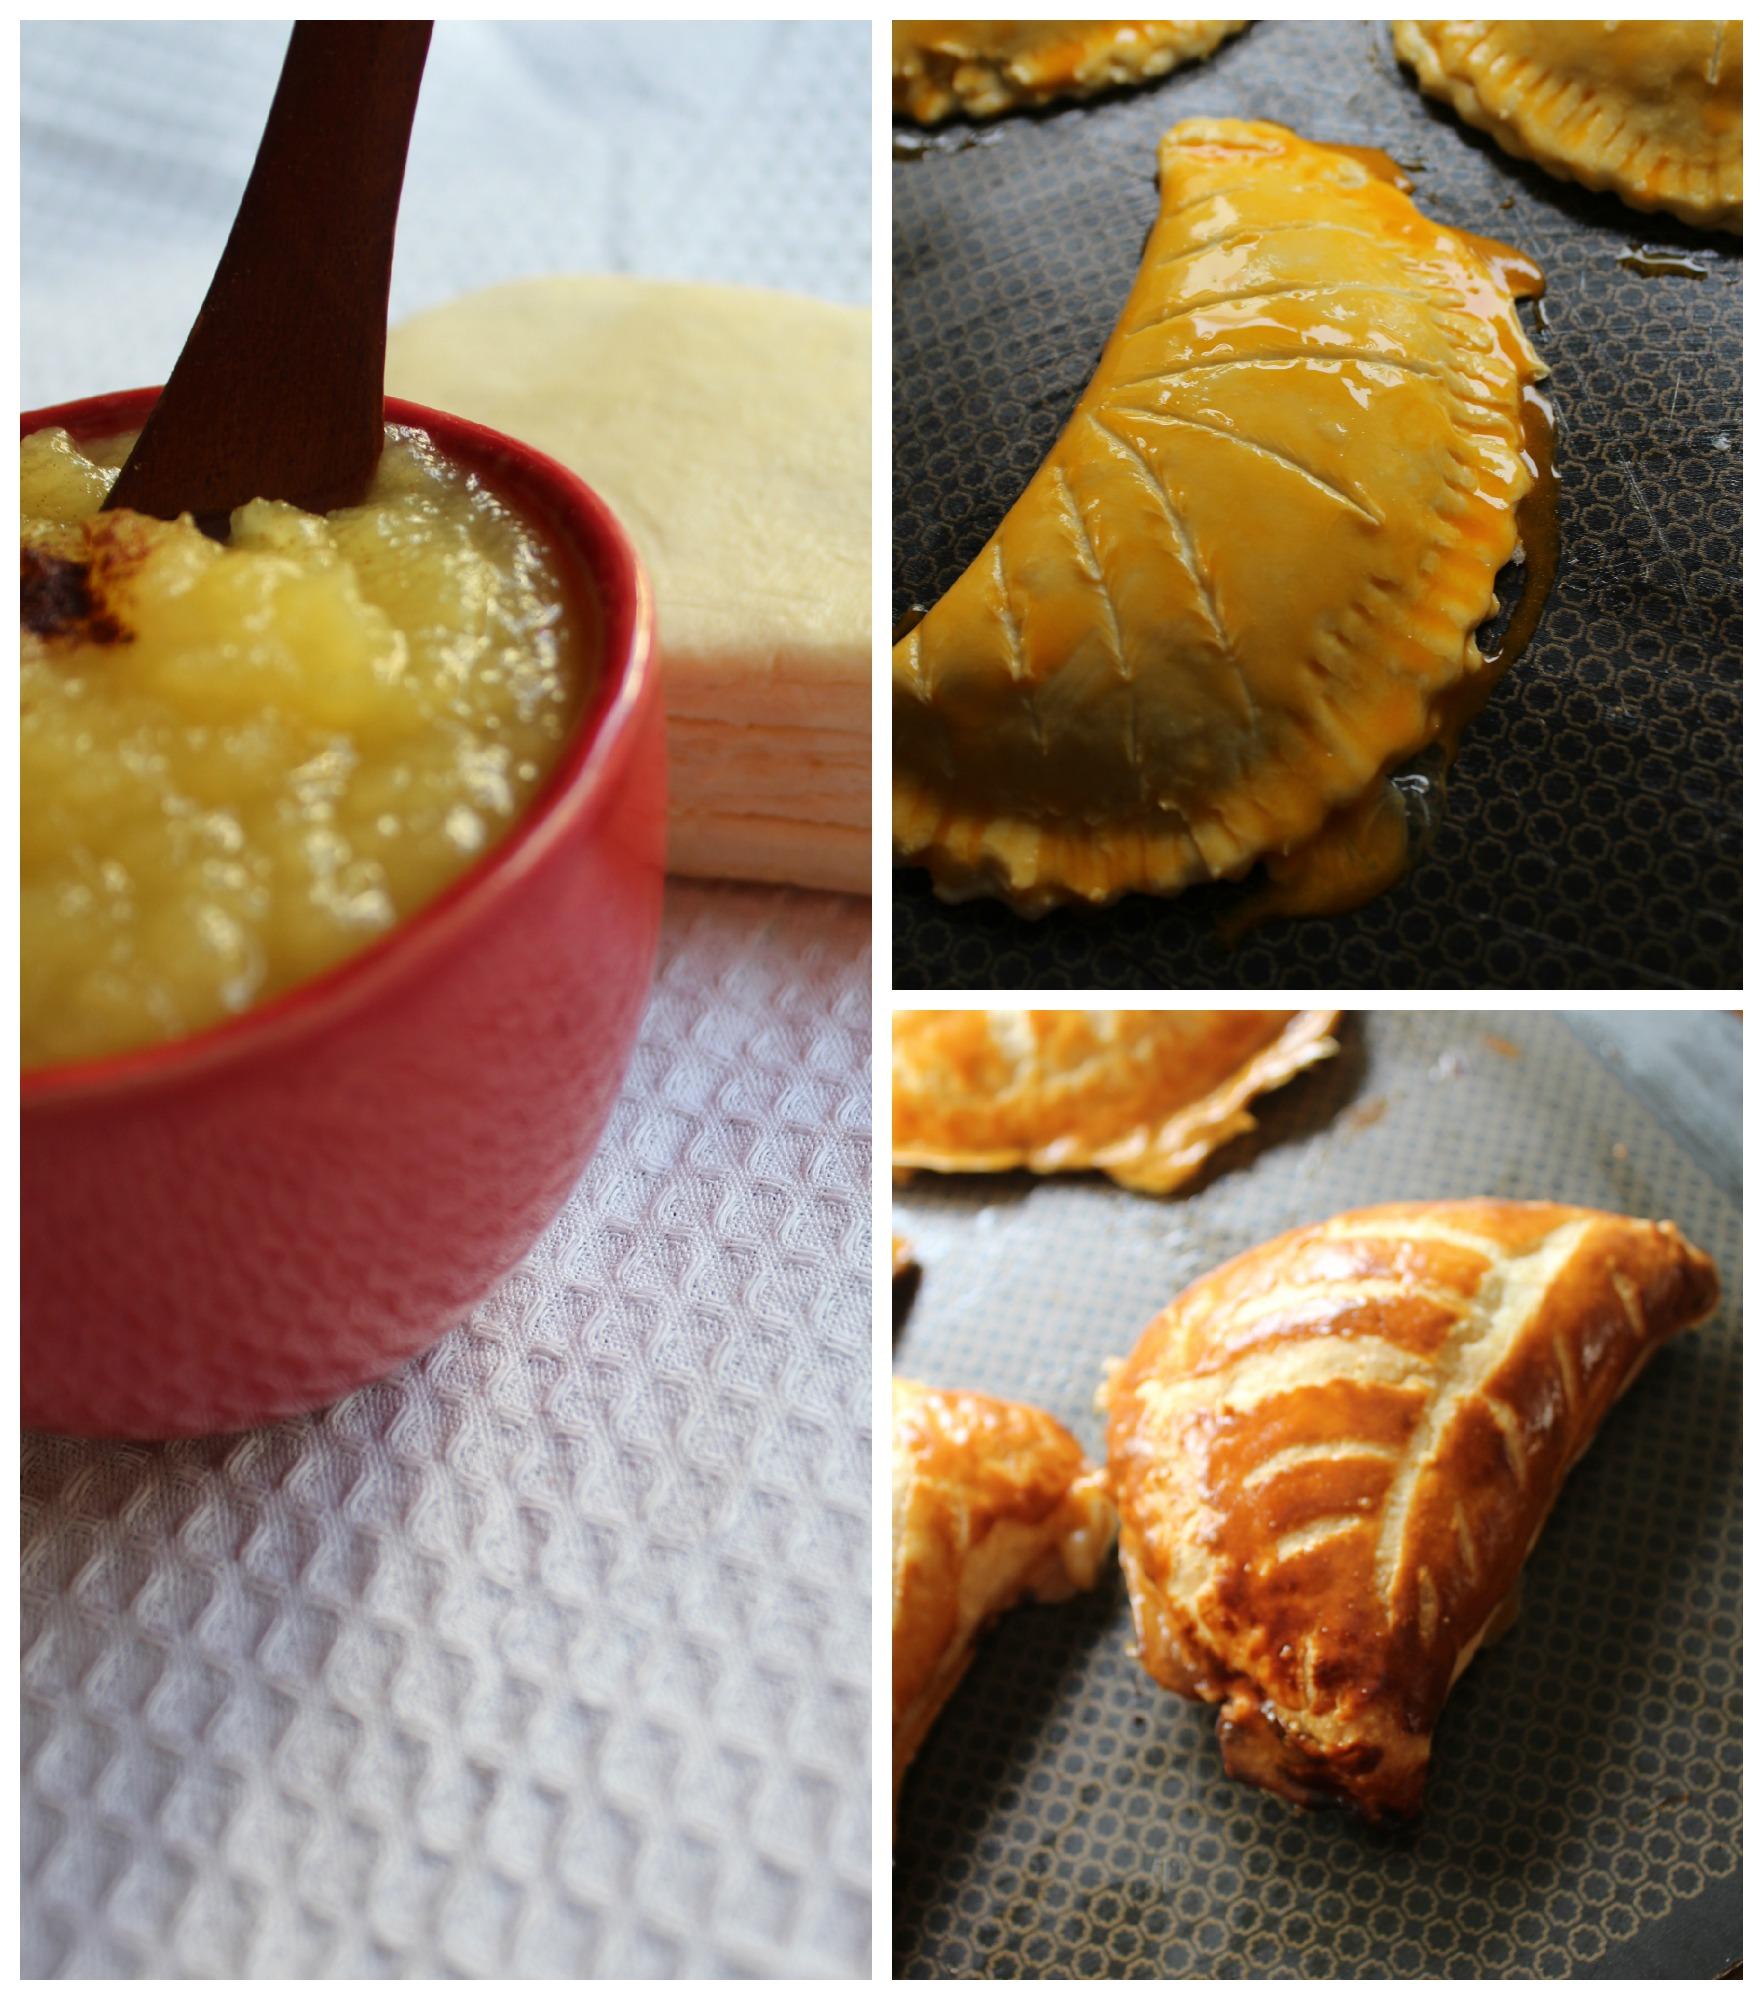 Les Chaussons aux Pommes, French Apple Turnovers | La Petite Panière